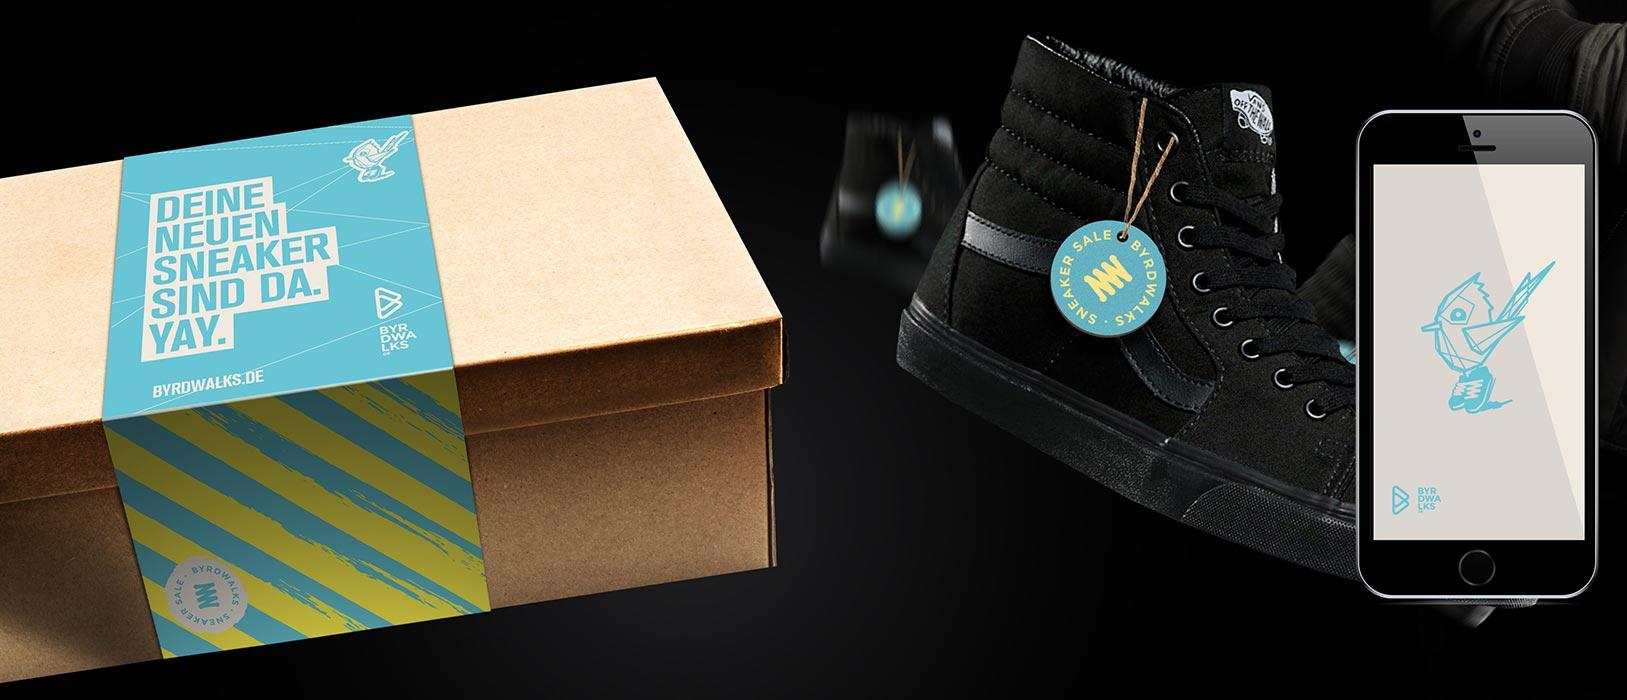 coporate design und packaging